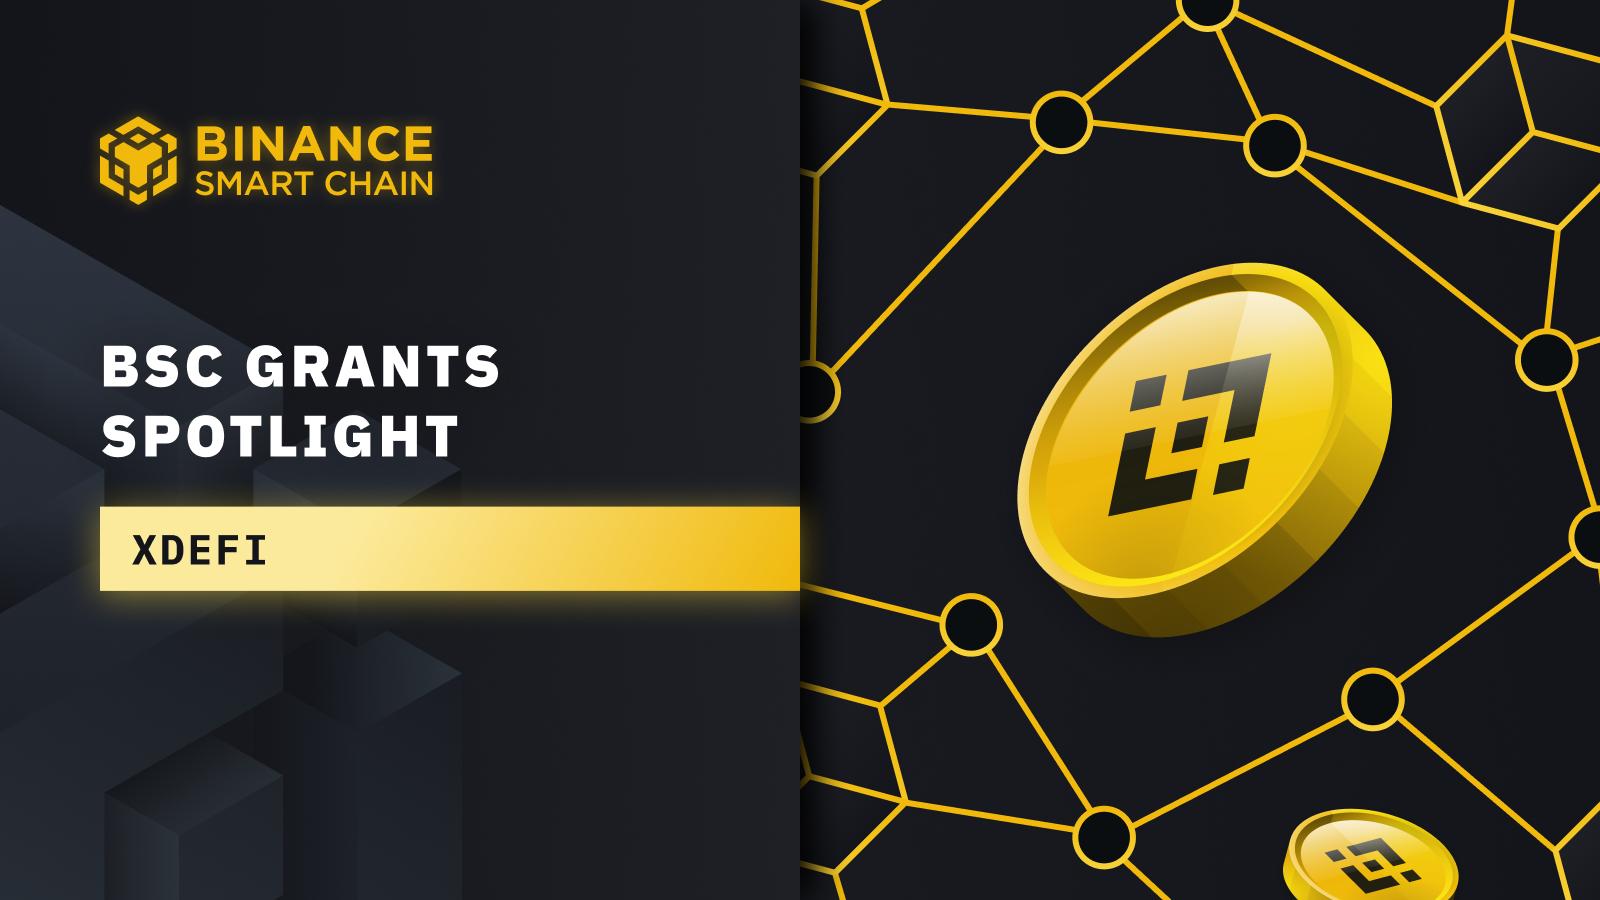 BSC Grants Spotlight: xDeFi